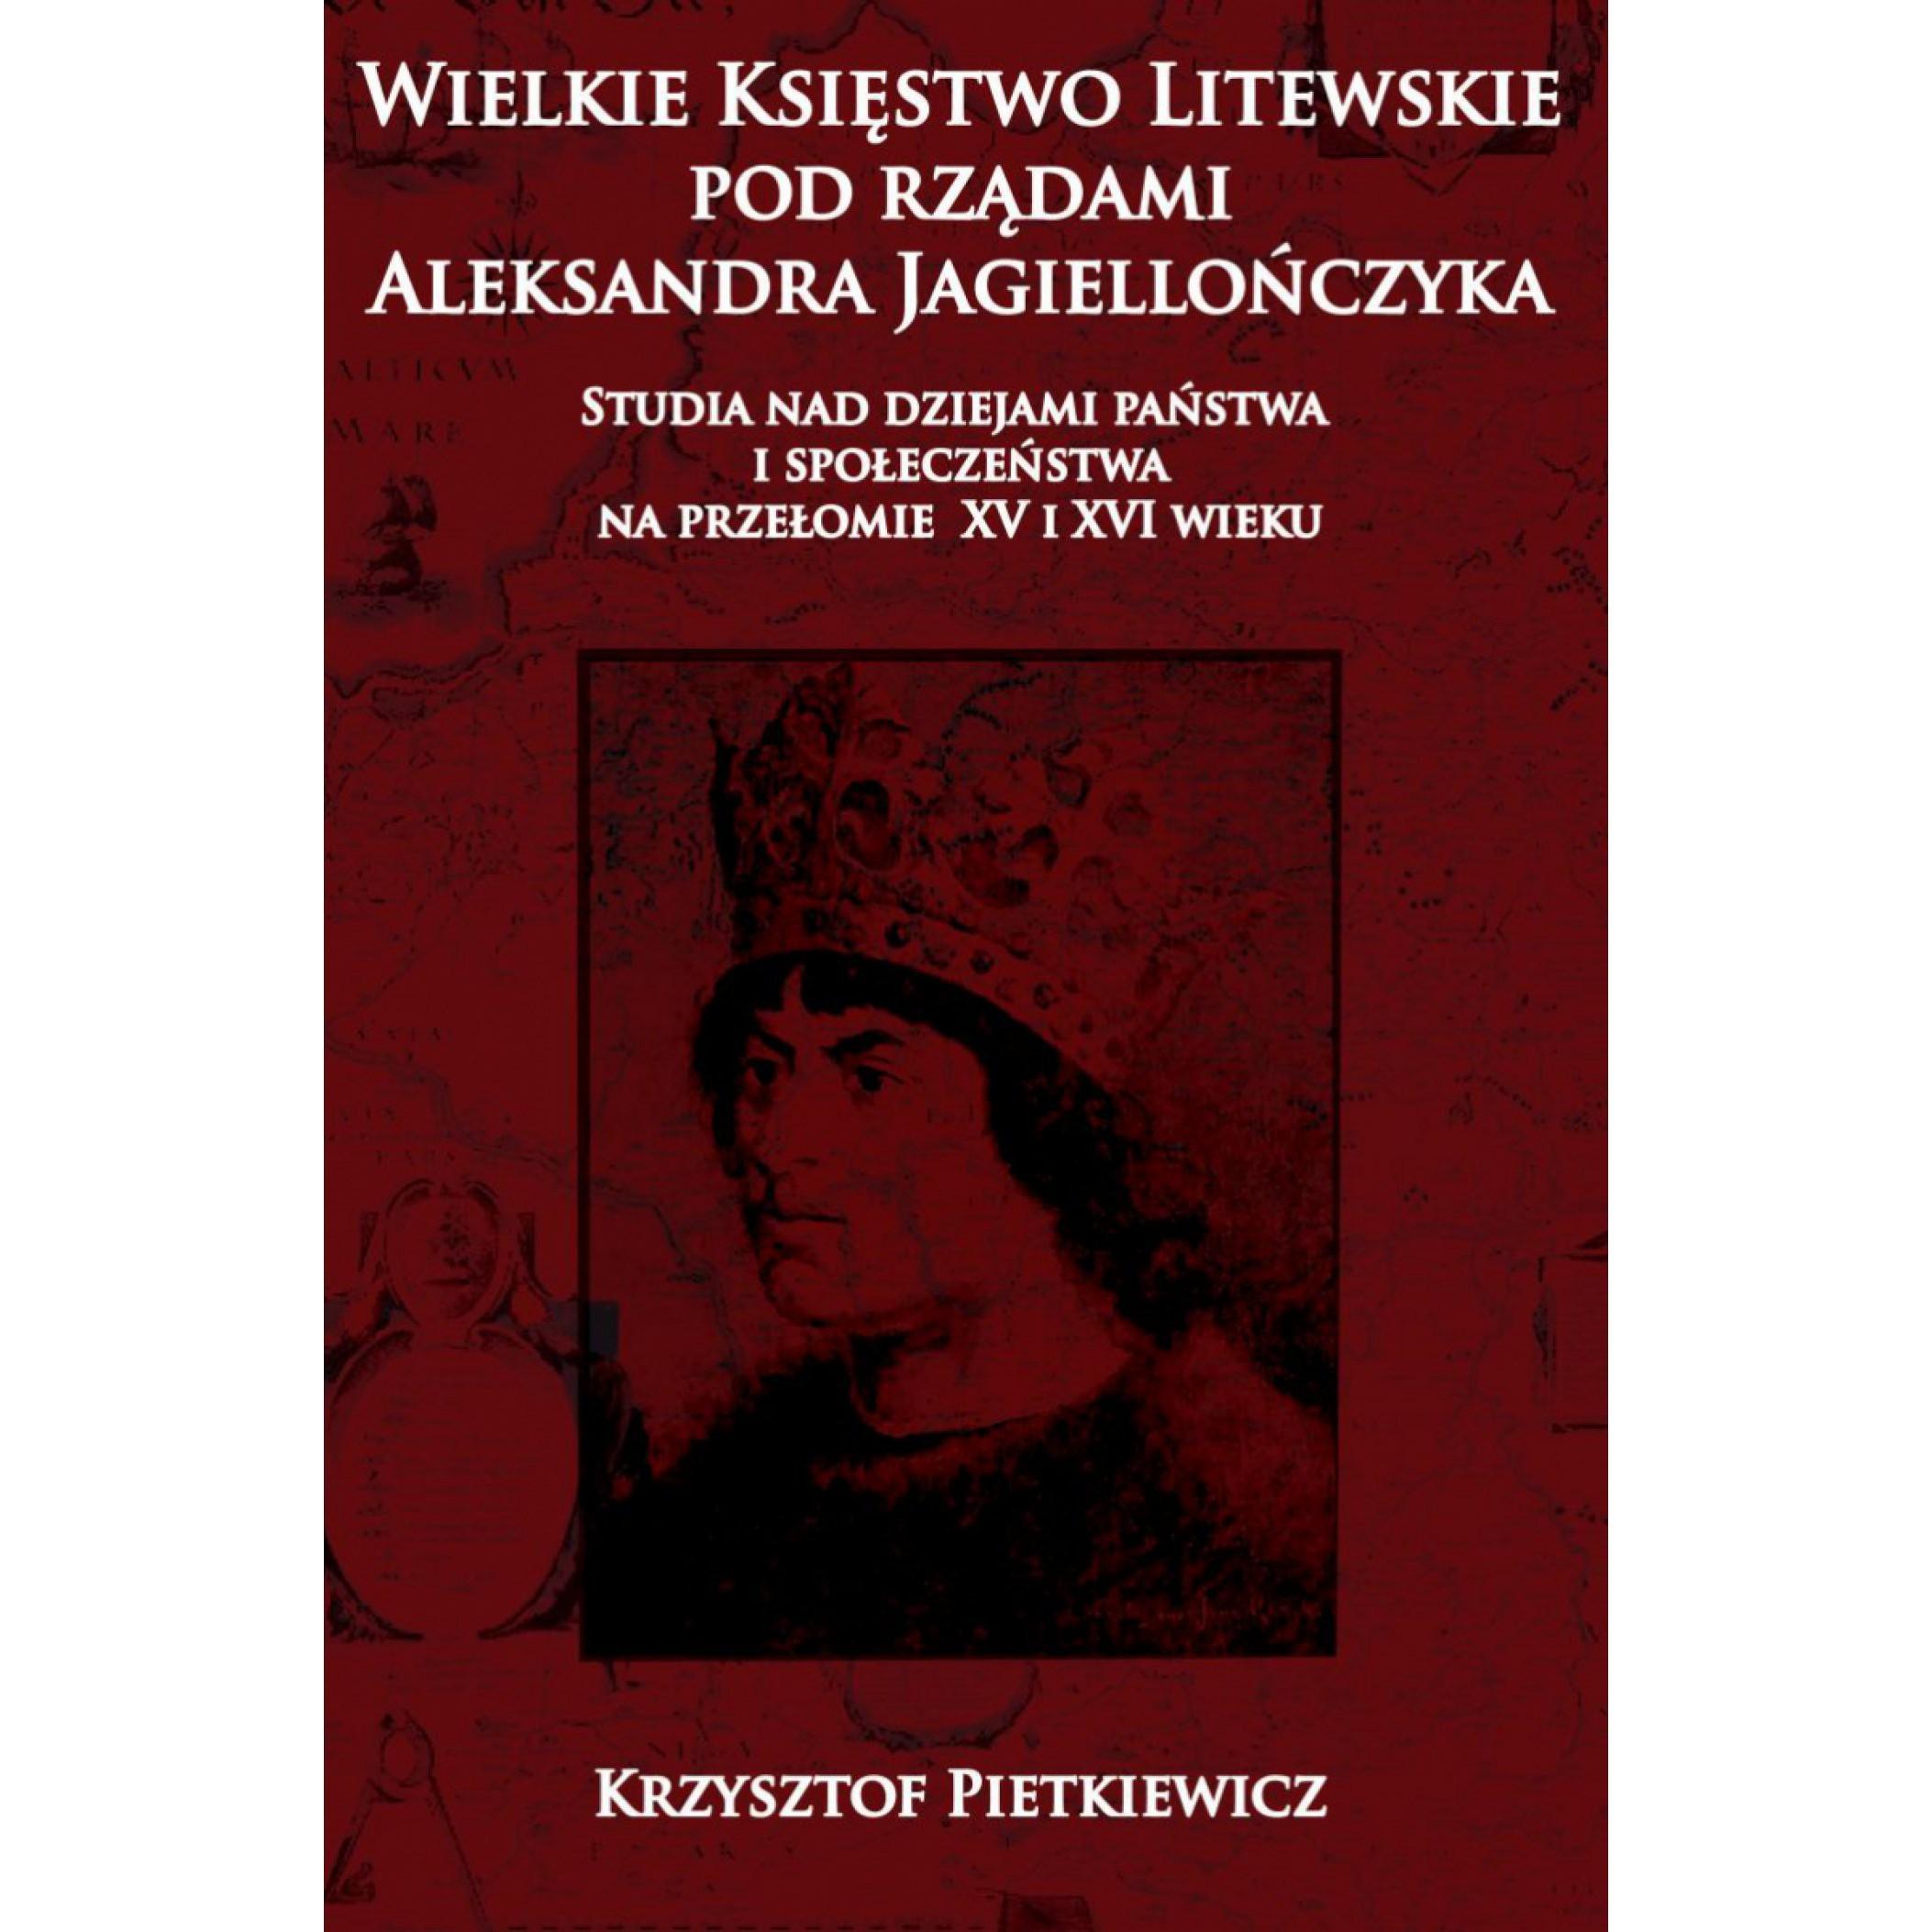 Wielkie księstwo litewskie pod rządami Aleksandra Jagiellończyka